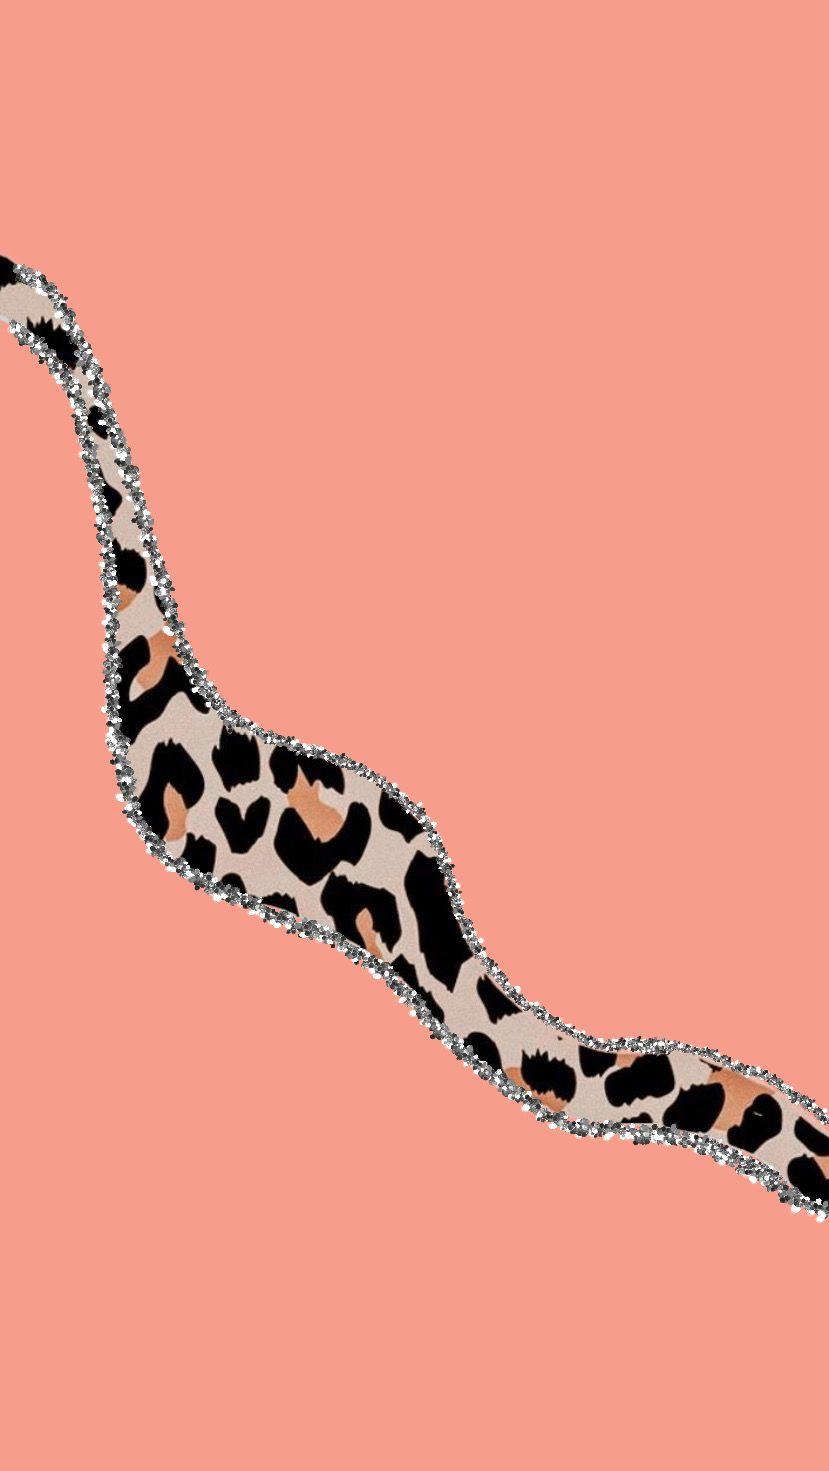 Cheetah Wallpaper Phone Wallpaper Images Cute Patterns Wallpaper Animal Print Wallpaper